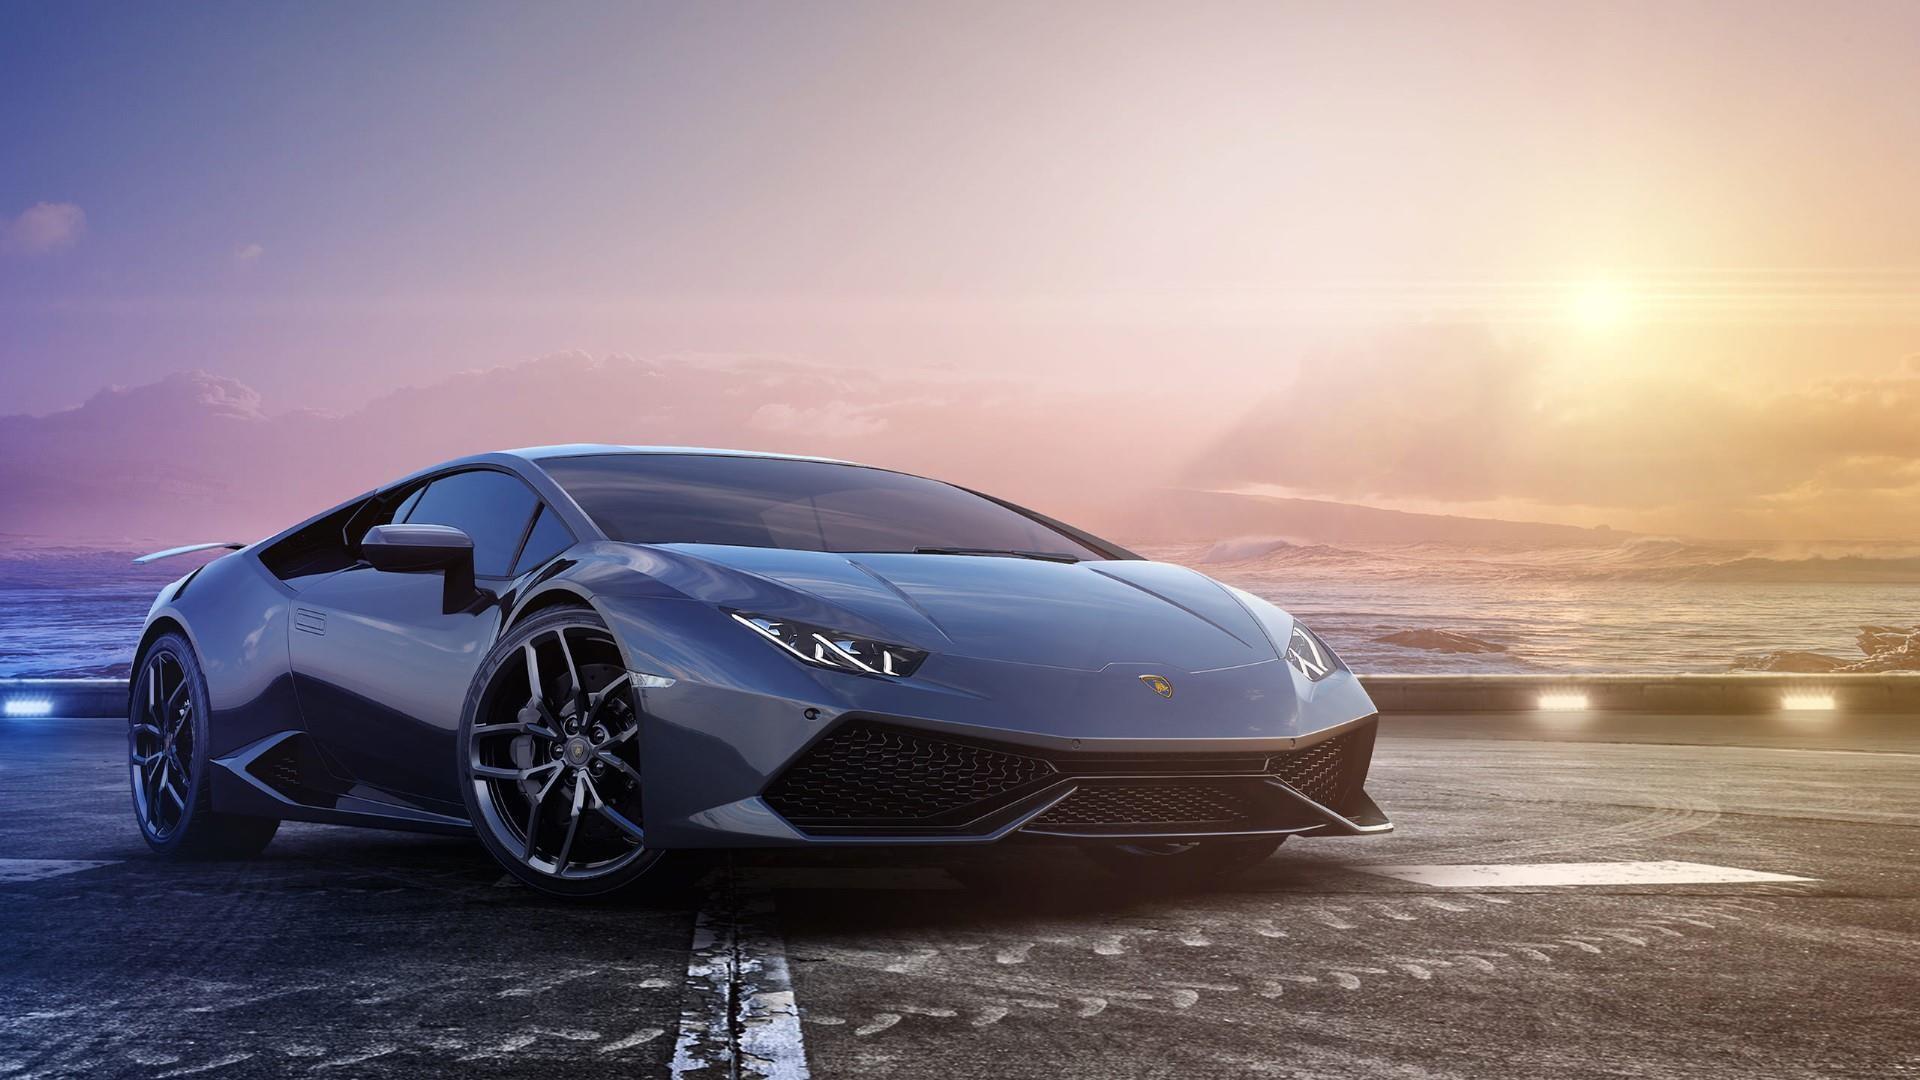 Lamborghini Huracan Wallpapers ·① WallpaperTag